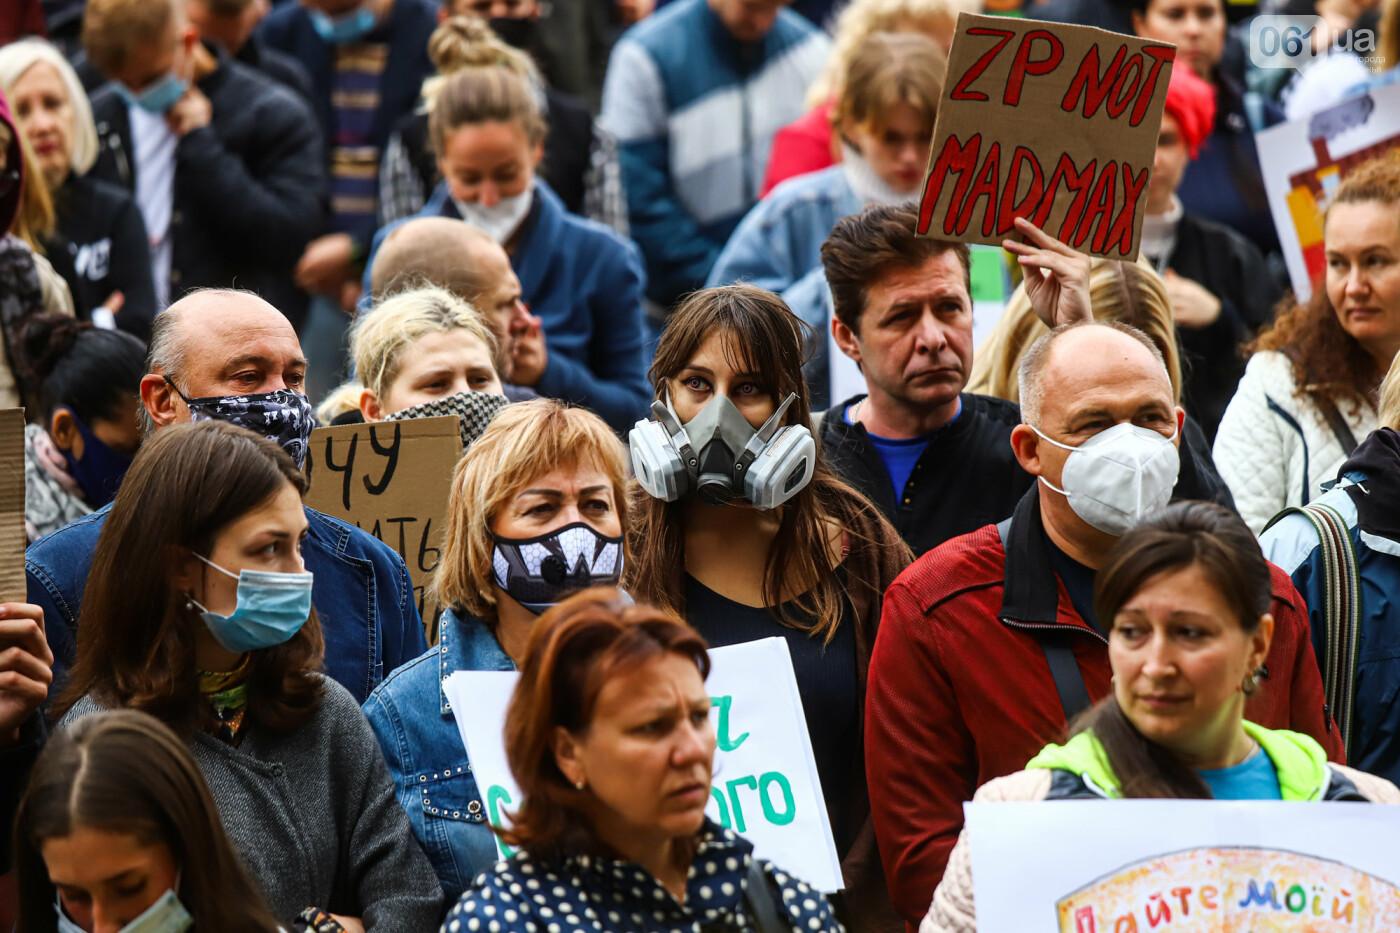 Маю право дихати: тысячи запорожцев вышли на экологический митинг, ФОТО, ВИДЕО, фото-53